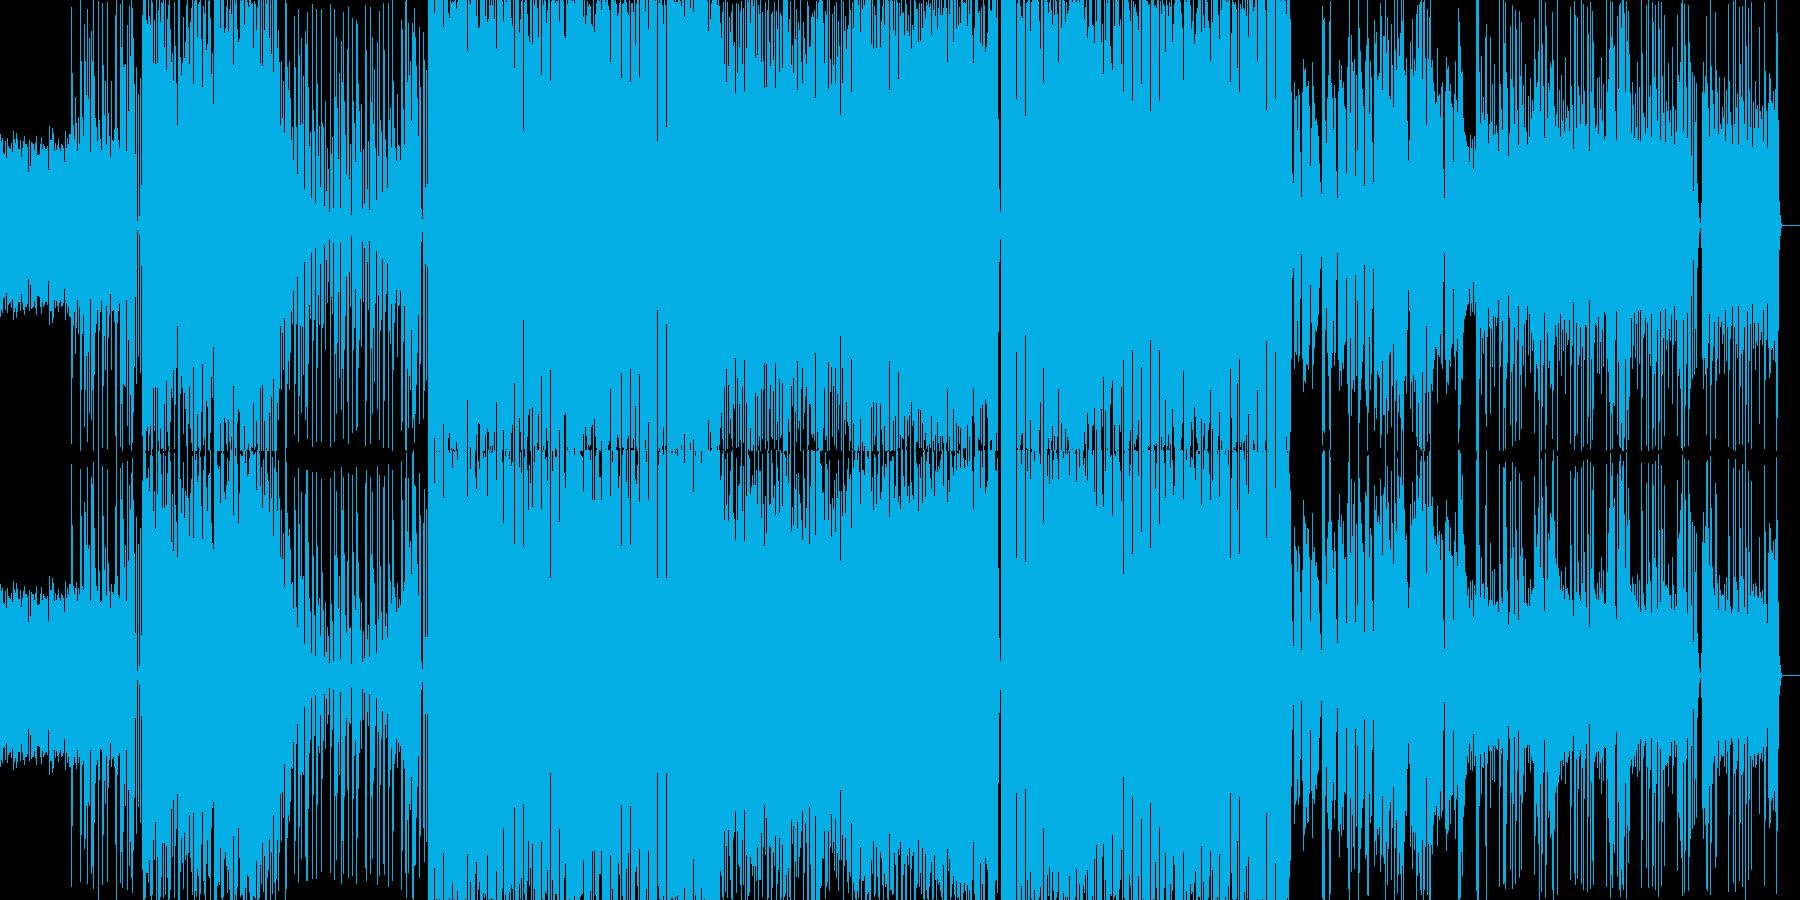 疾走感のあるドラムに透き通る電子音BGMの再生済みの波形